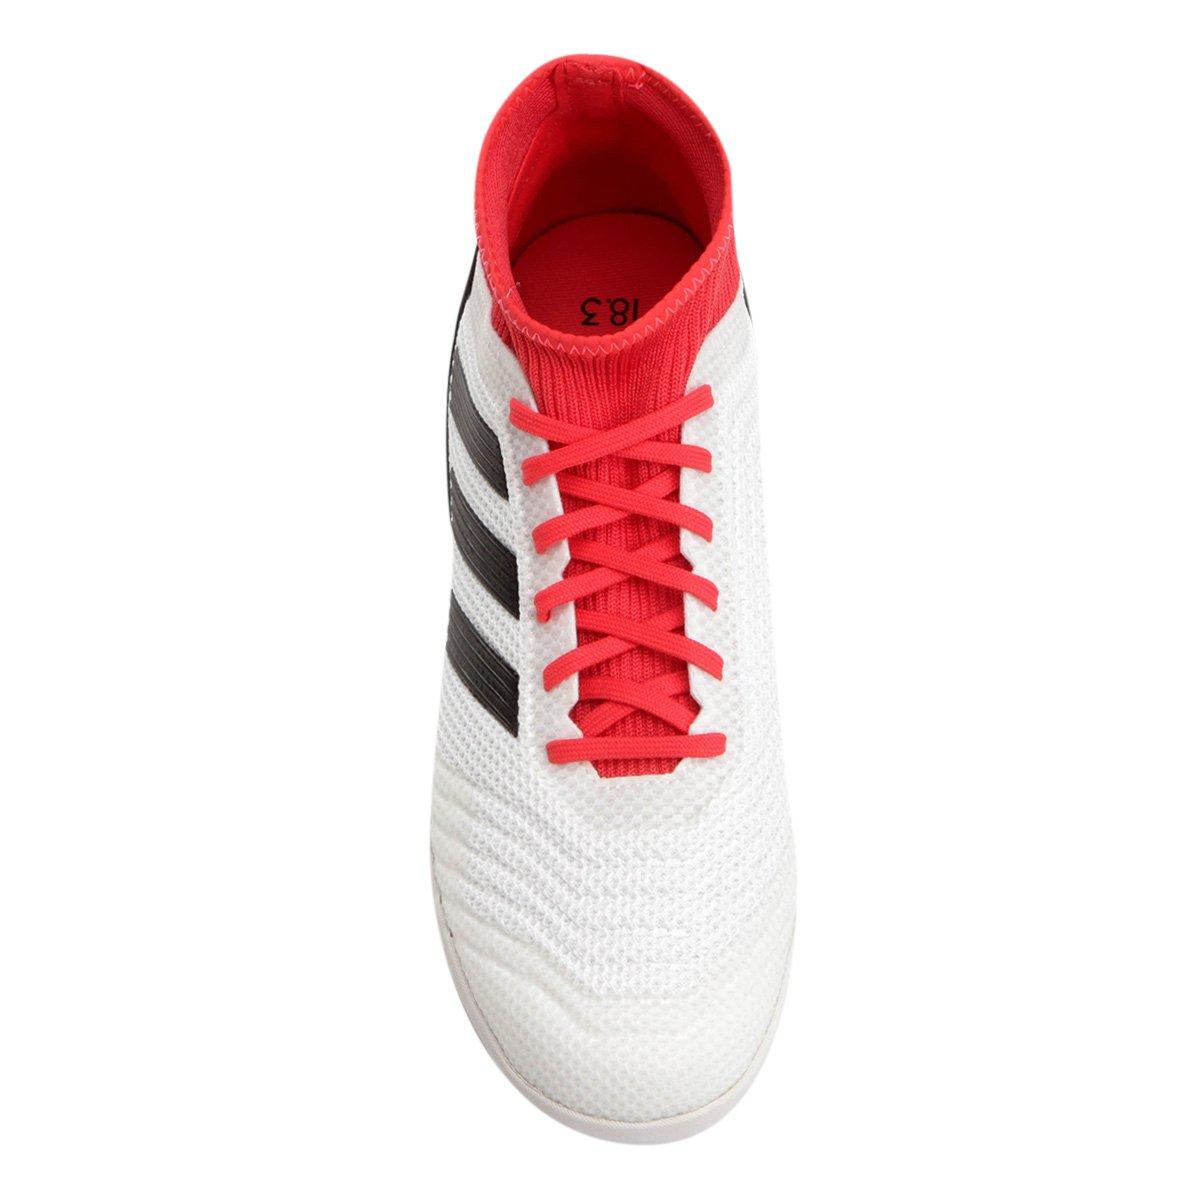 1f73f3d707 Chuteira Futsal Adidas Predator 18 3 IN - Branco e Vermelho - Compre ...